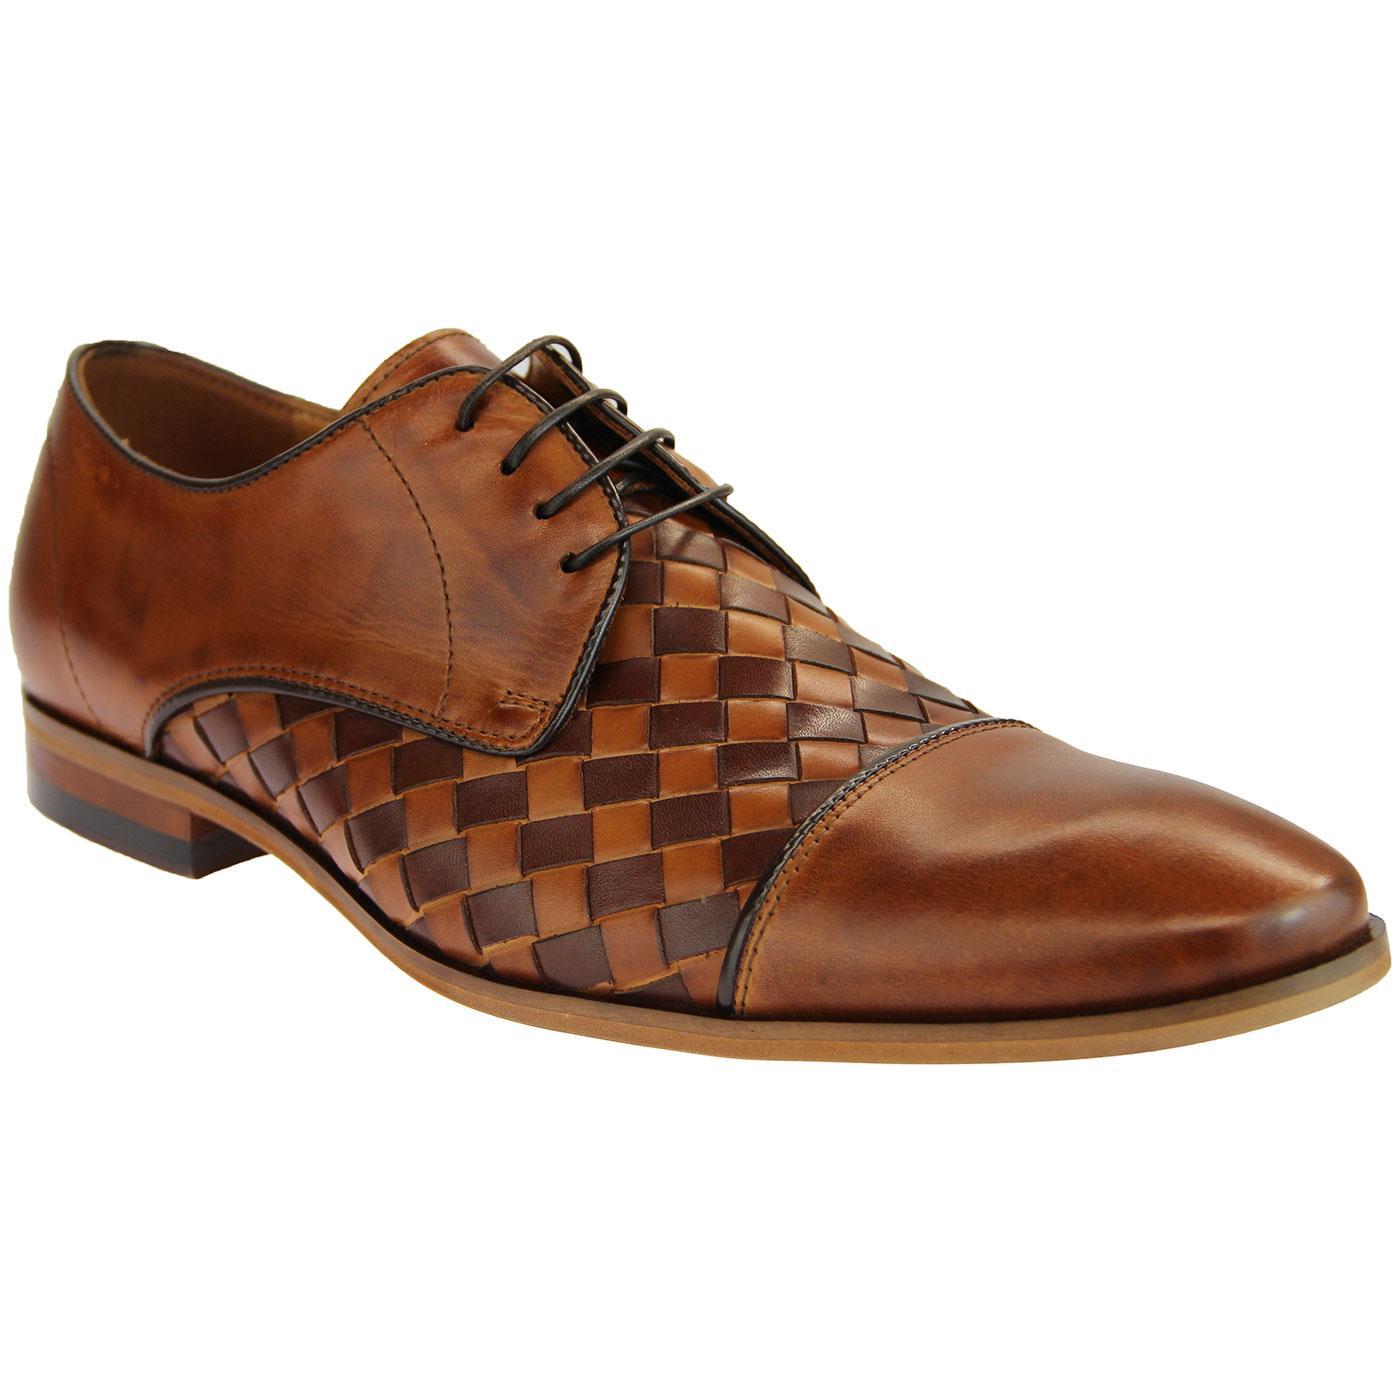 LACUZZO Mod Retro 2-Tone Basket Weave Derby Shoes